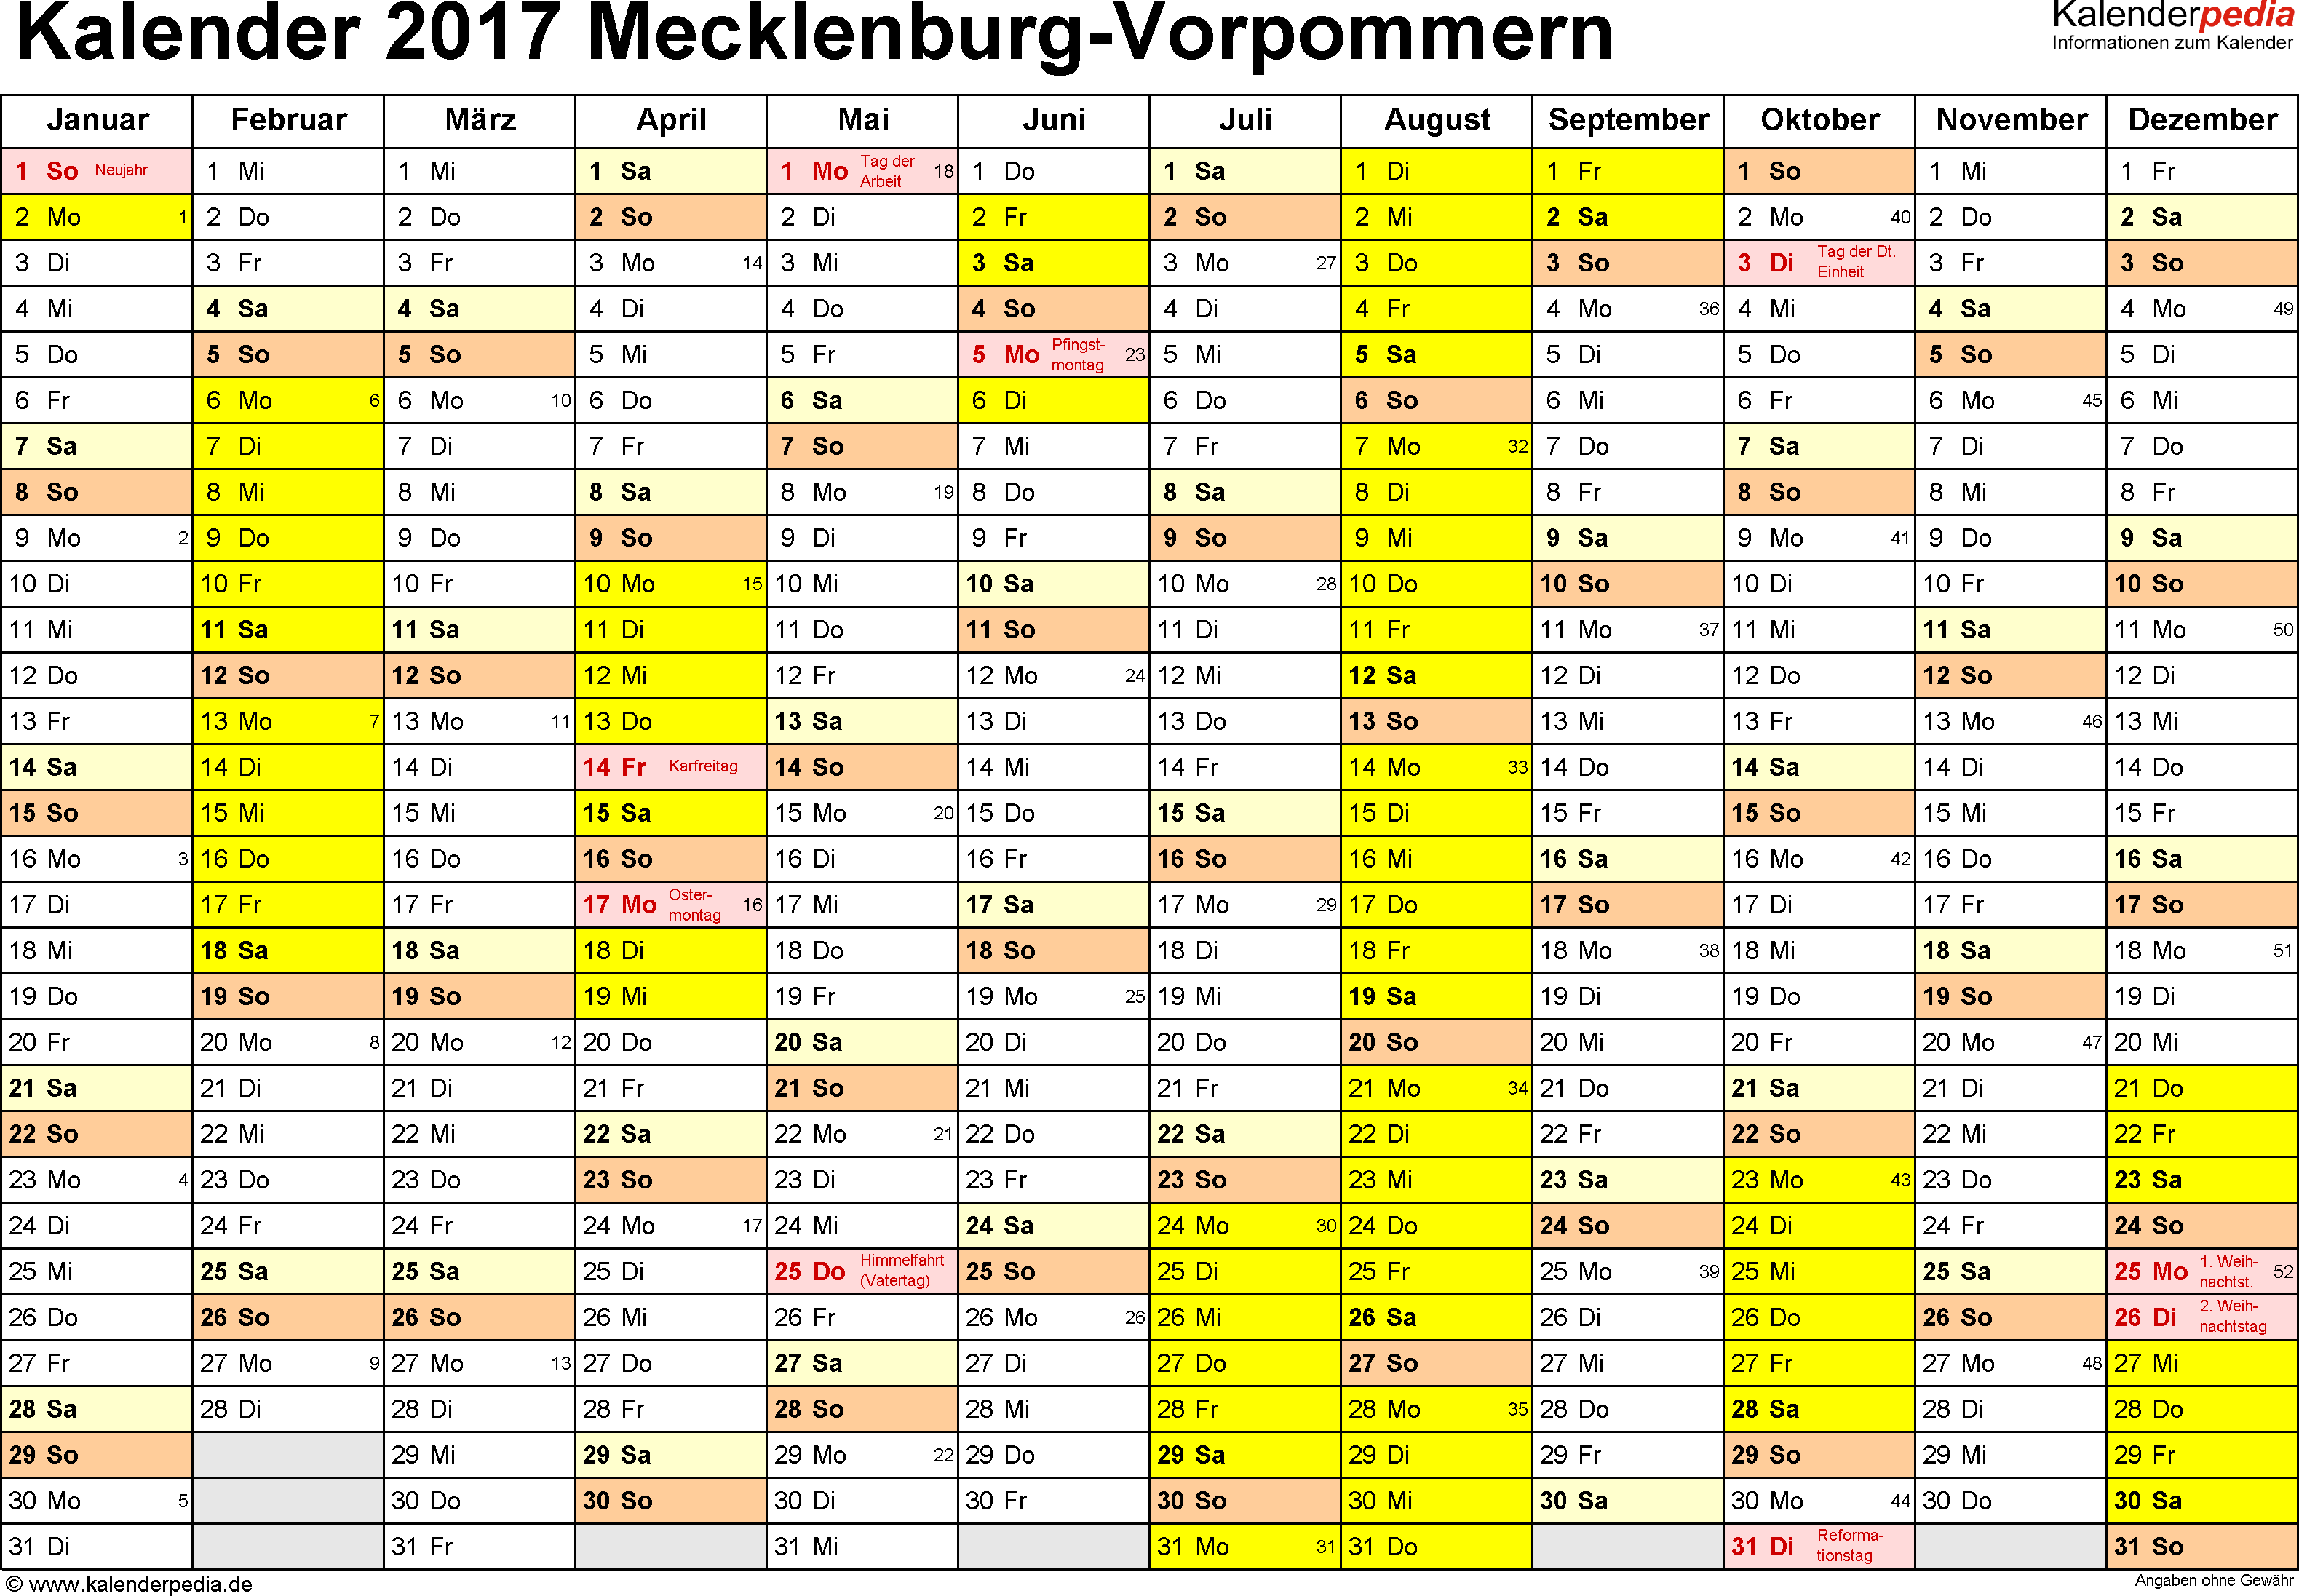 Vorlage 1: Kalender 2017 für Mecklenburg-Vorpommern als Word-Vorlage (Querformat, 1 Seite)